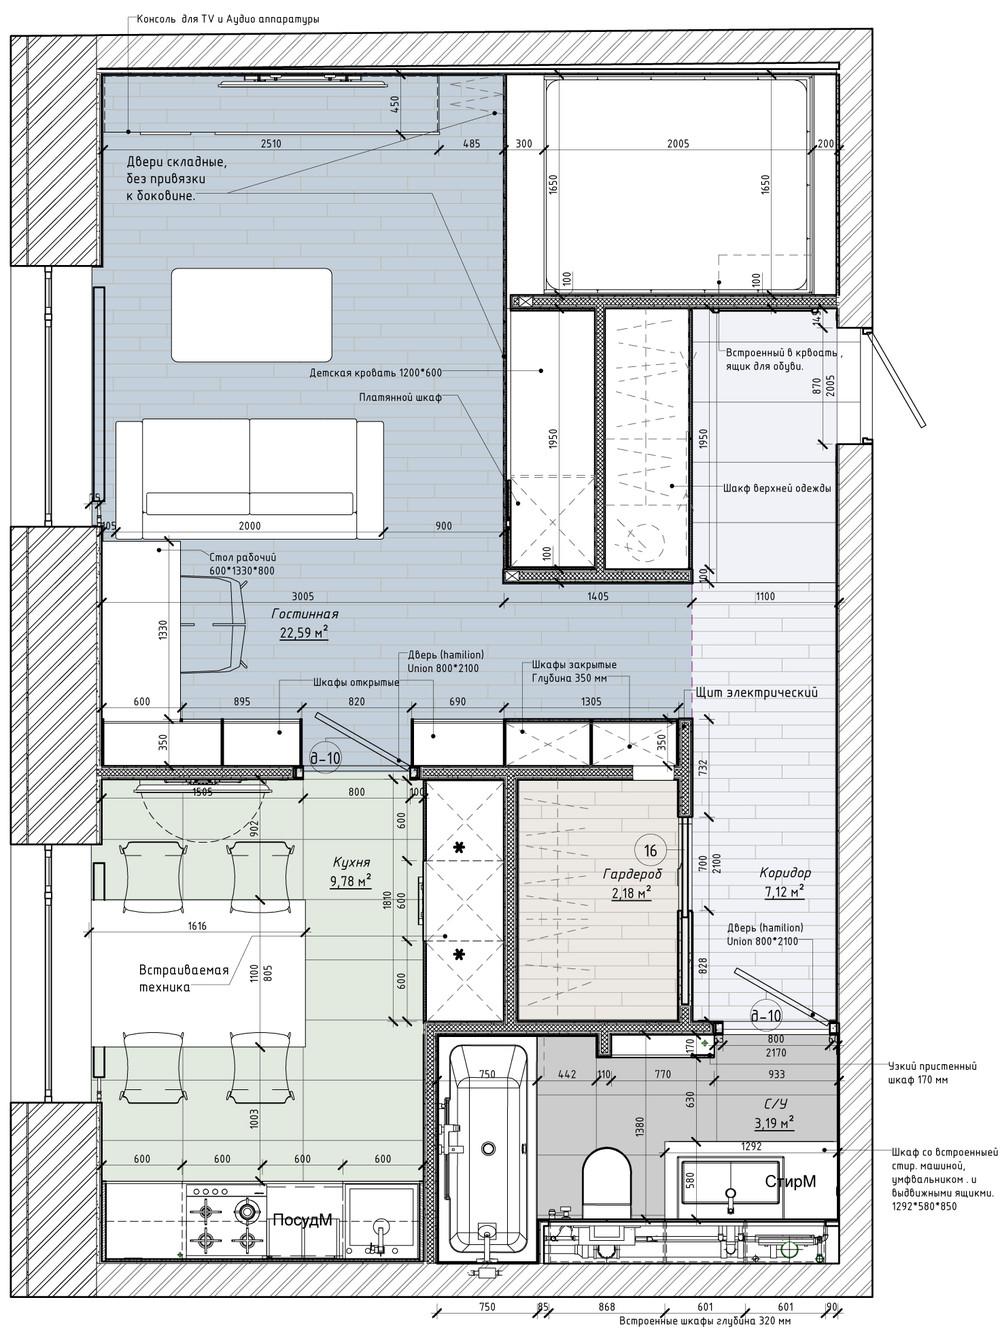 Wedo thiết kế nội thất chung cư nhỏ đơn giản, sáng tạo cho gia đình trẻ